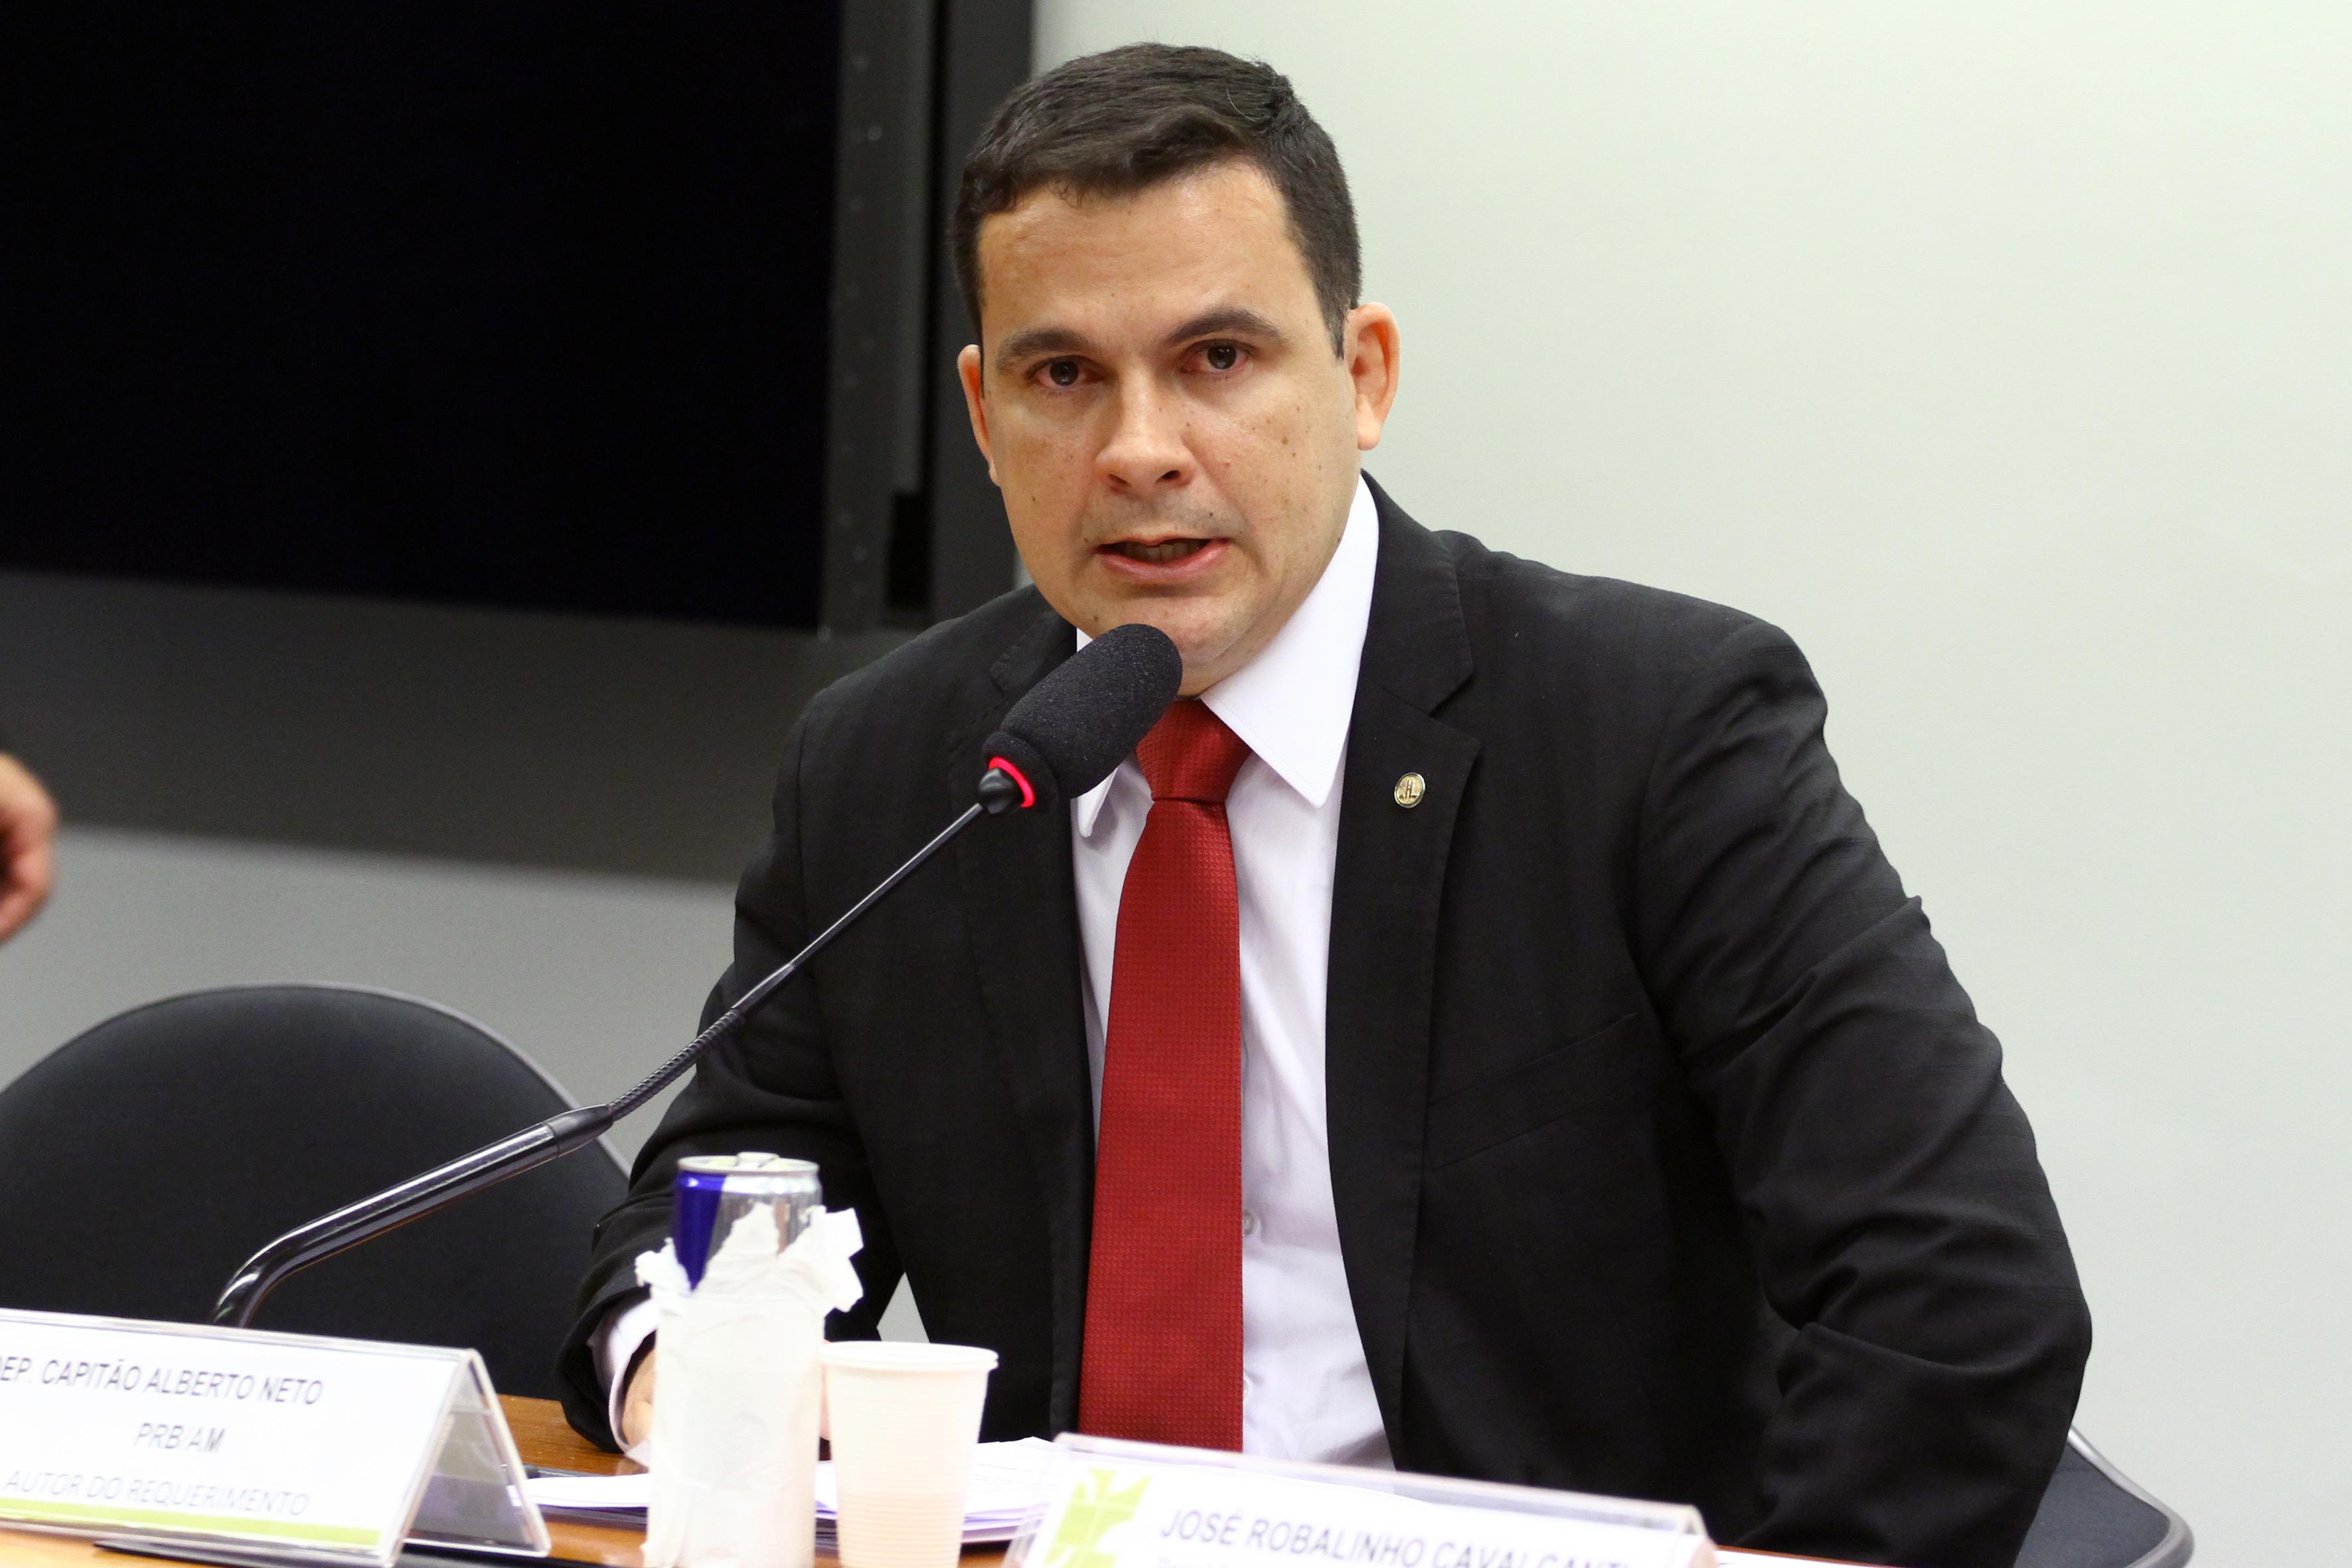 Audiência pública sobre o Sistema Penitenciário Brasileiro. Dep. Capitão Alberto Neto (PRB - AM)